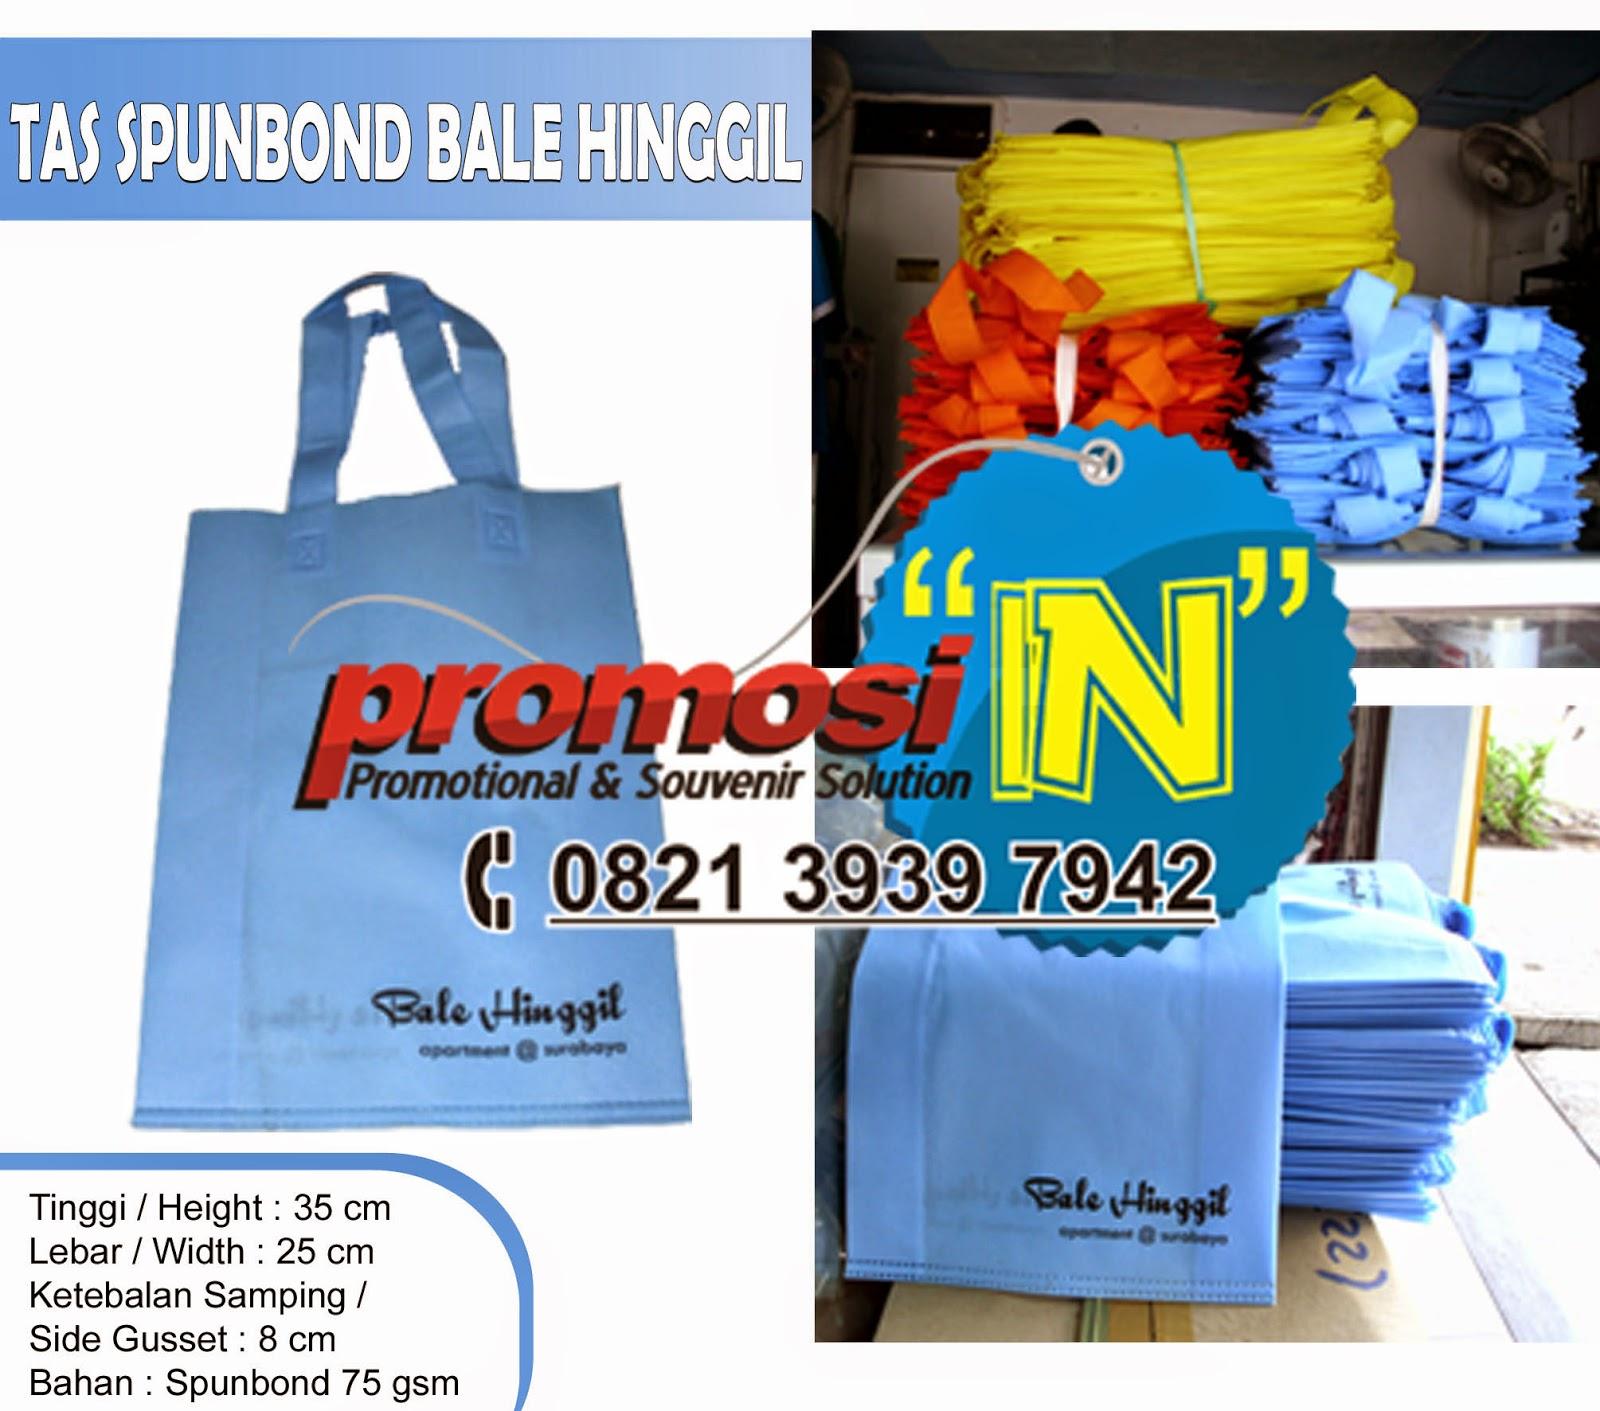 Pusat Tas Spunbond Surabaya, Supplier Tas Murah, Tas Online, Tas Spunbond, Tas Surabaya,